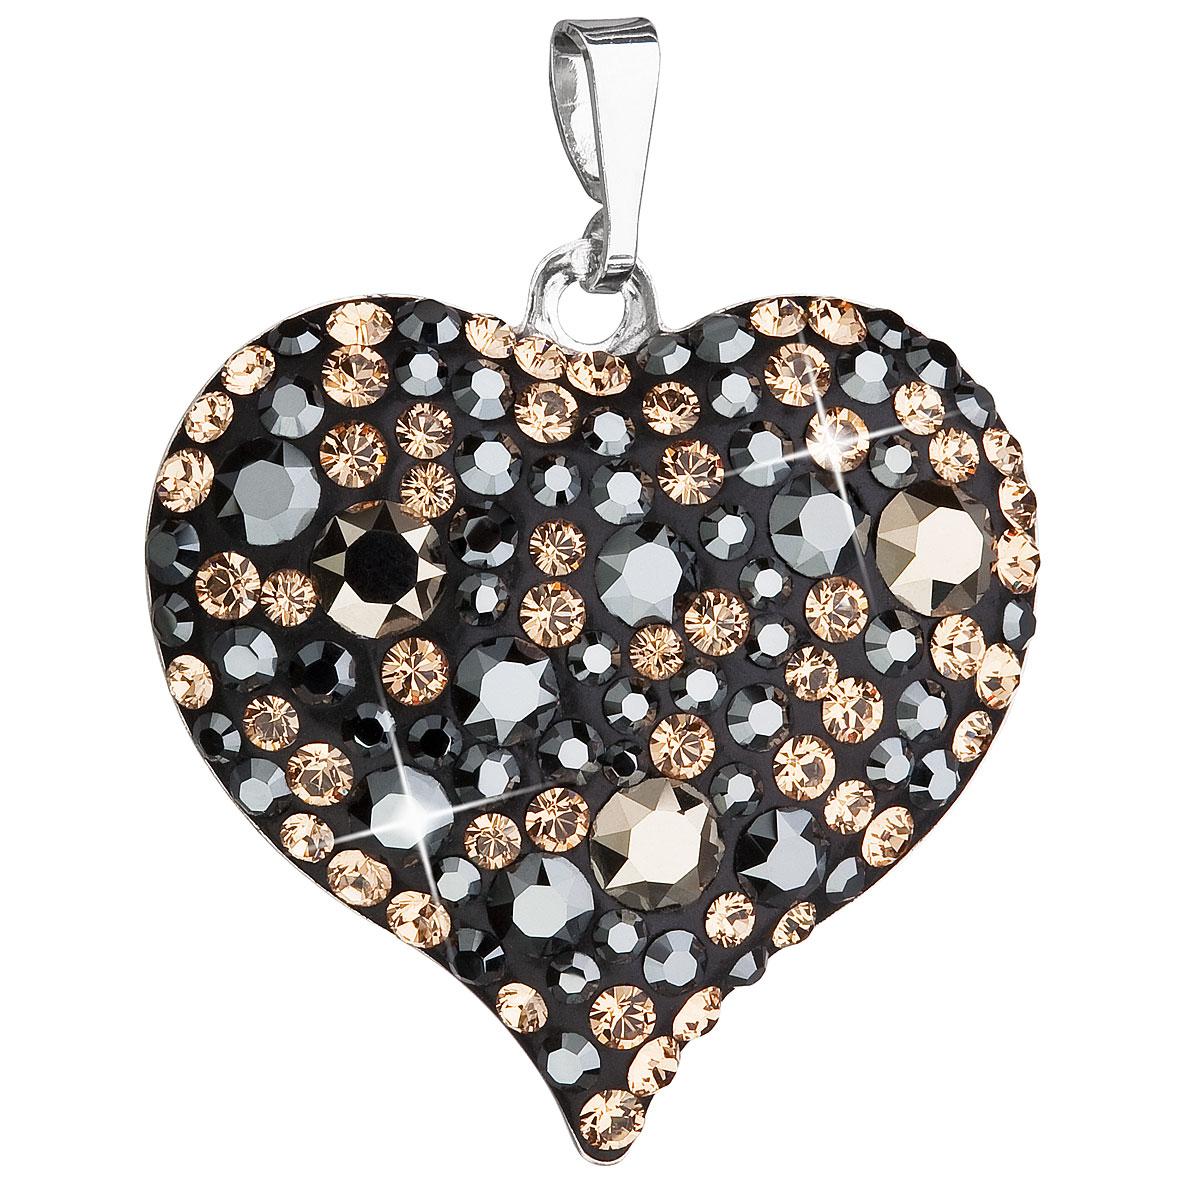 Evolution Group Stříbrný přívěsek s krystaly Swarovski mix barev srdce 34181.4